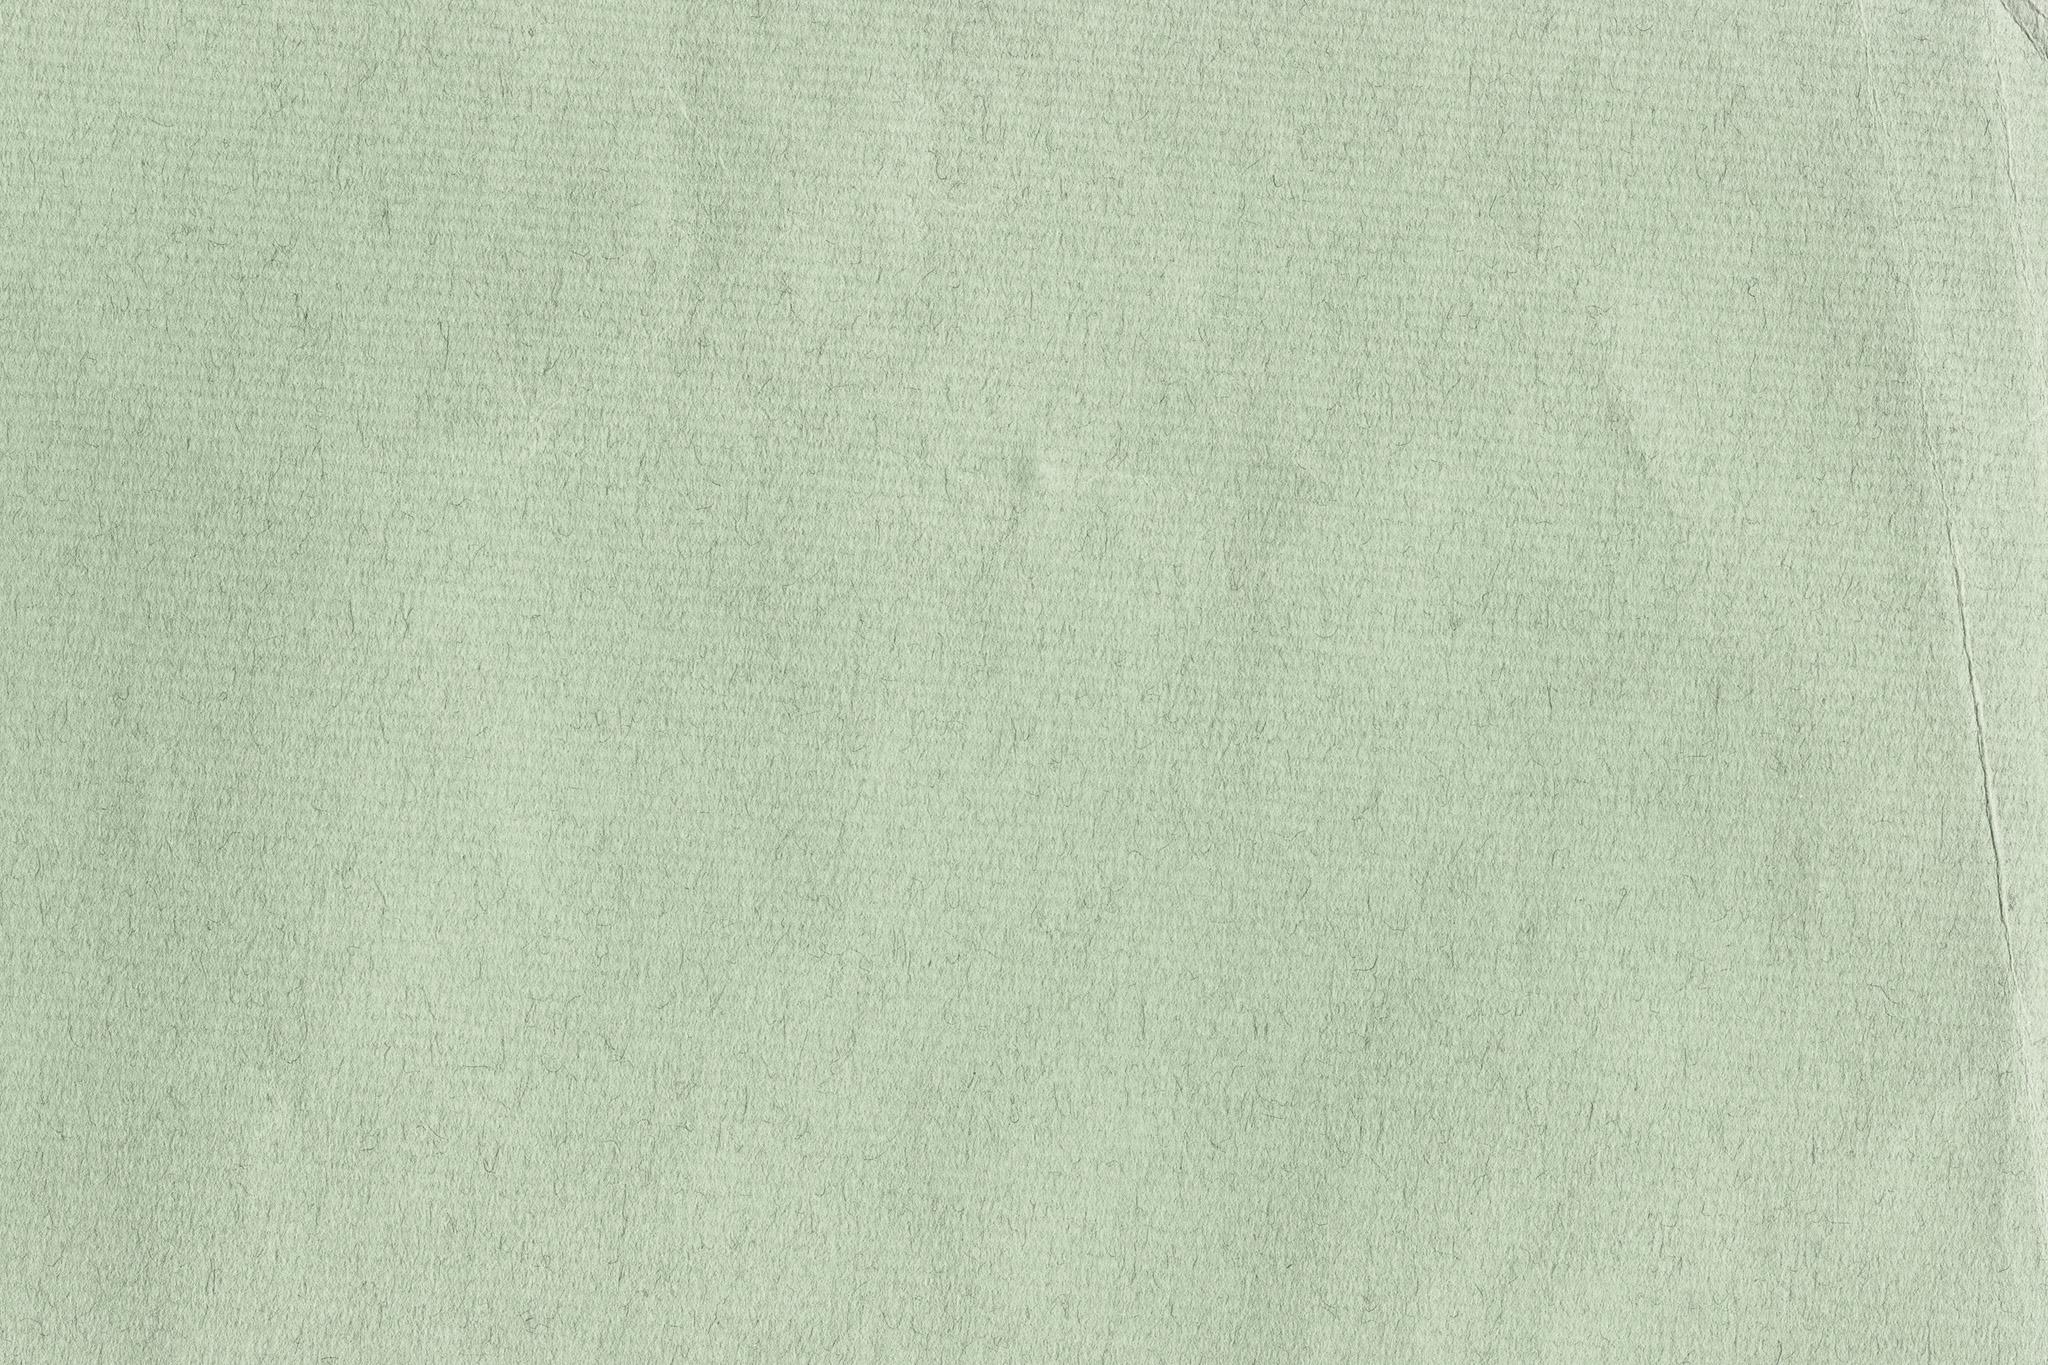 「繊維のテクスチャがある薄緑の紙」